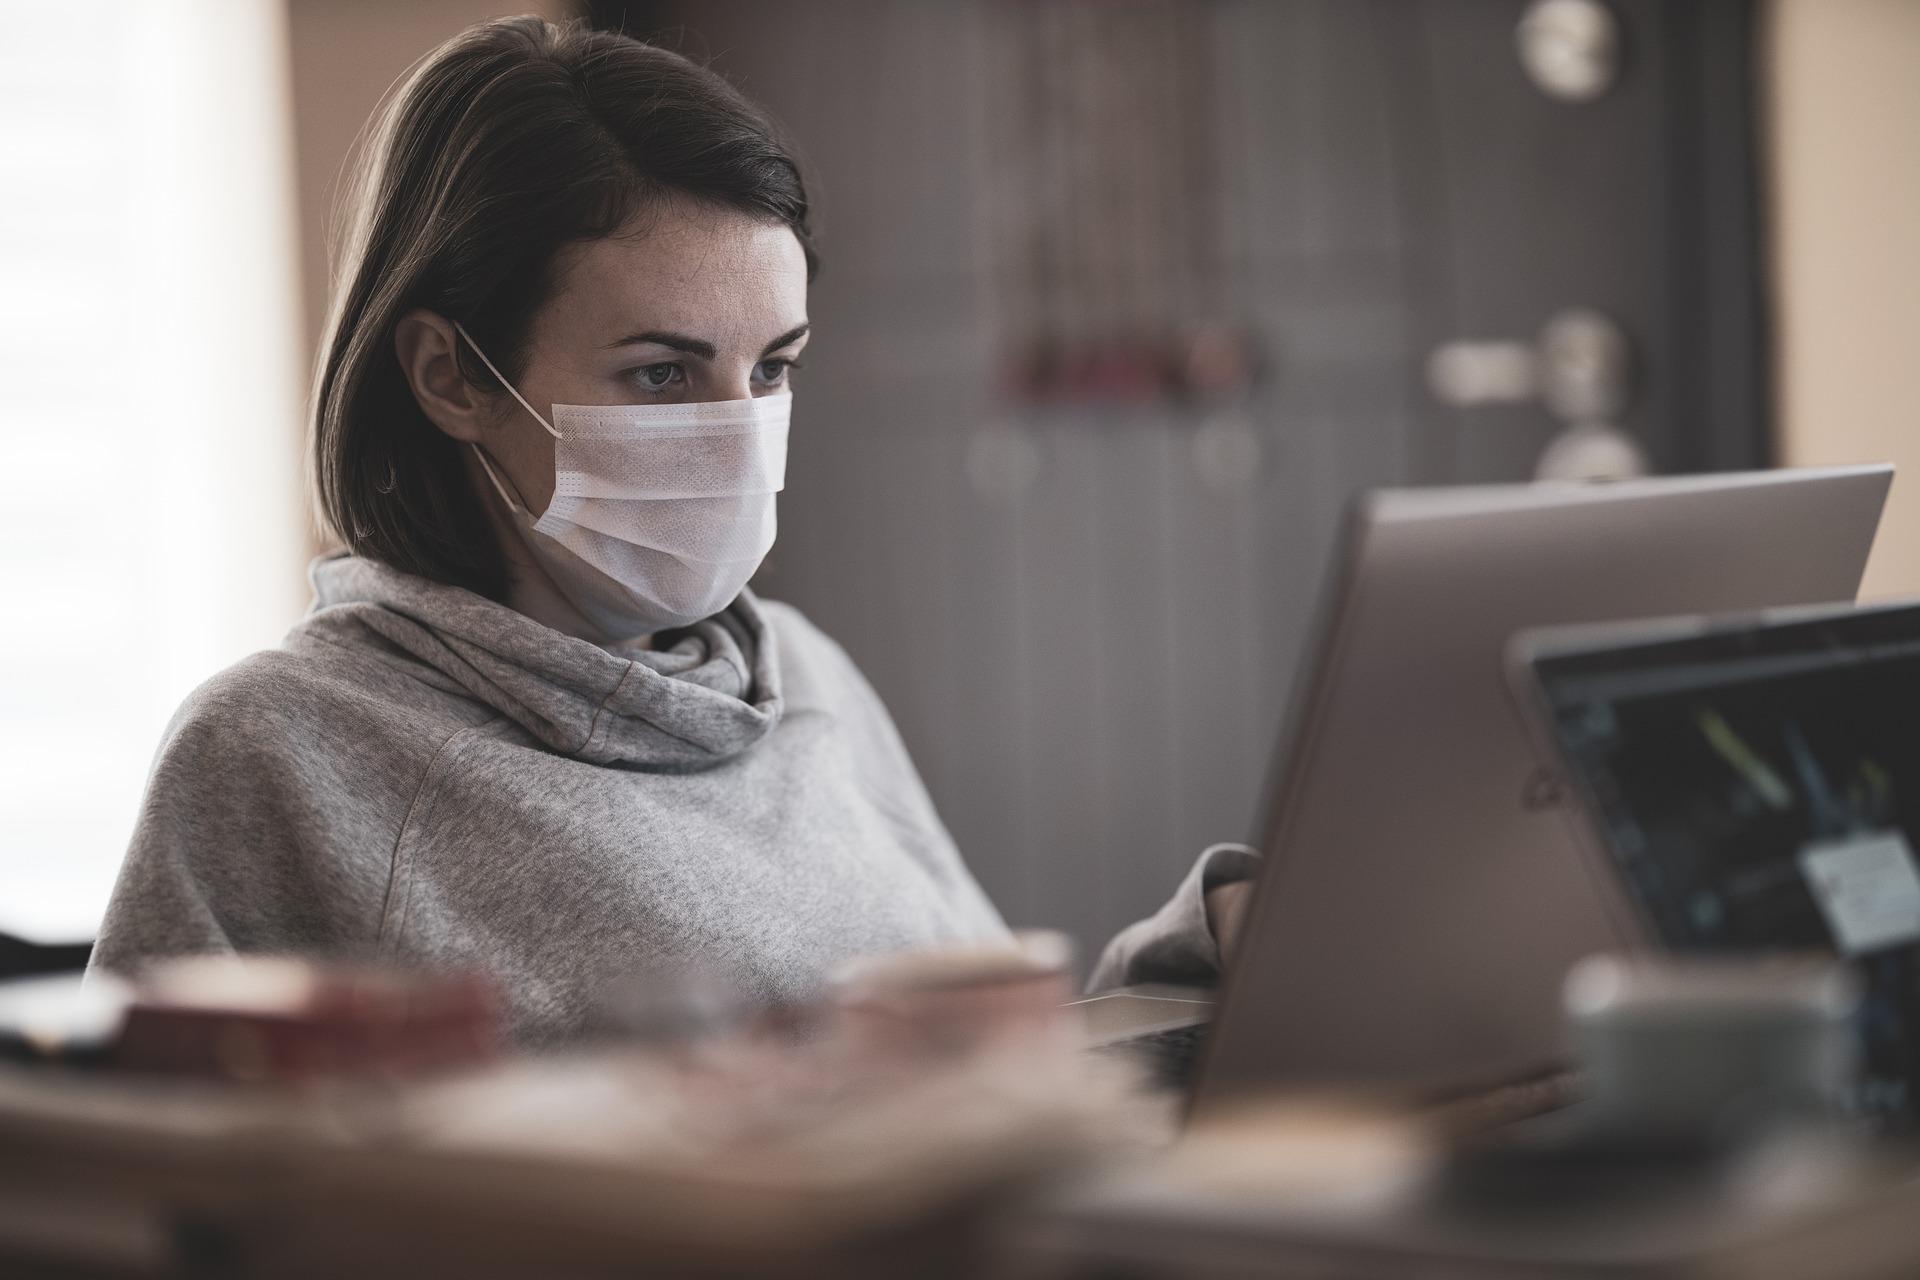 Tummahiuksinen nainen istuu tietokoneen äärellä, päässään kasvomaski.